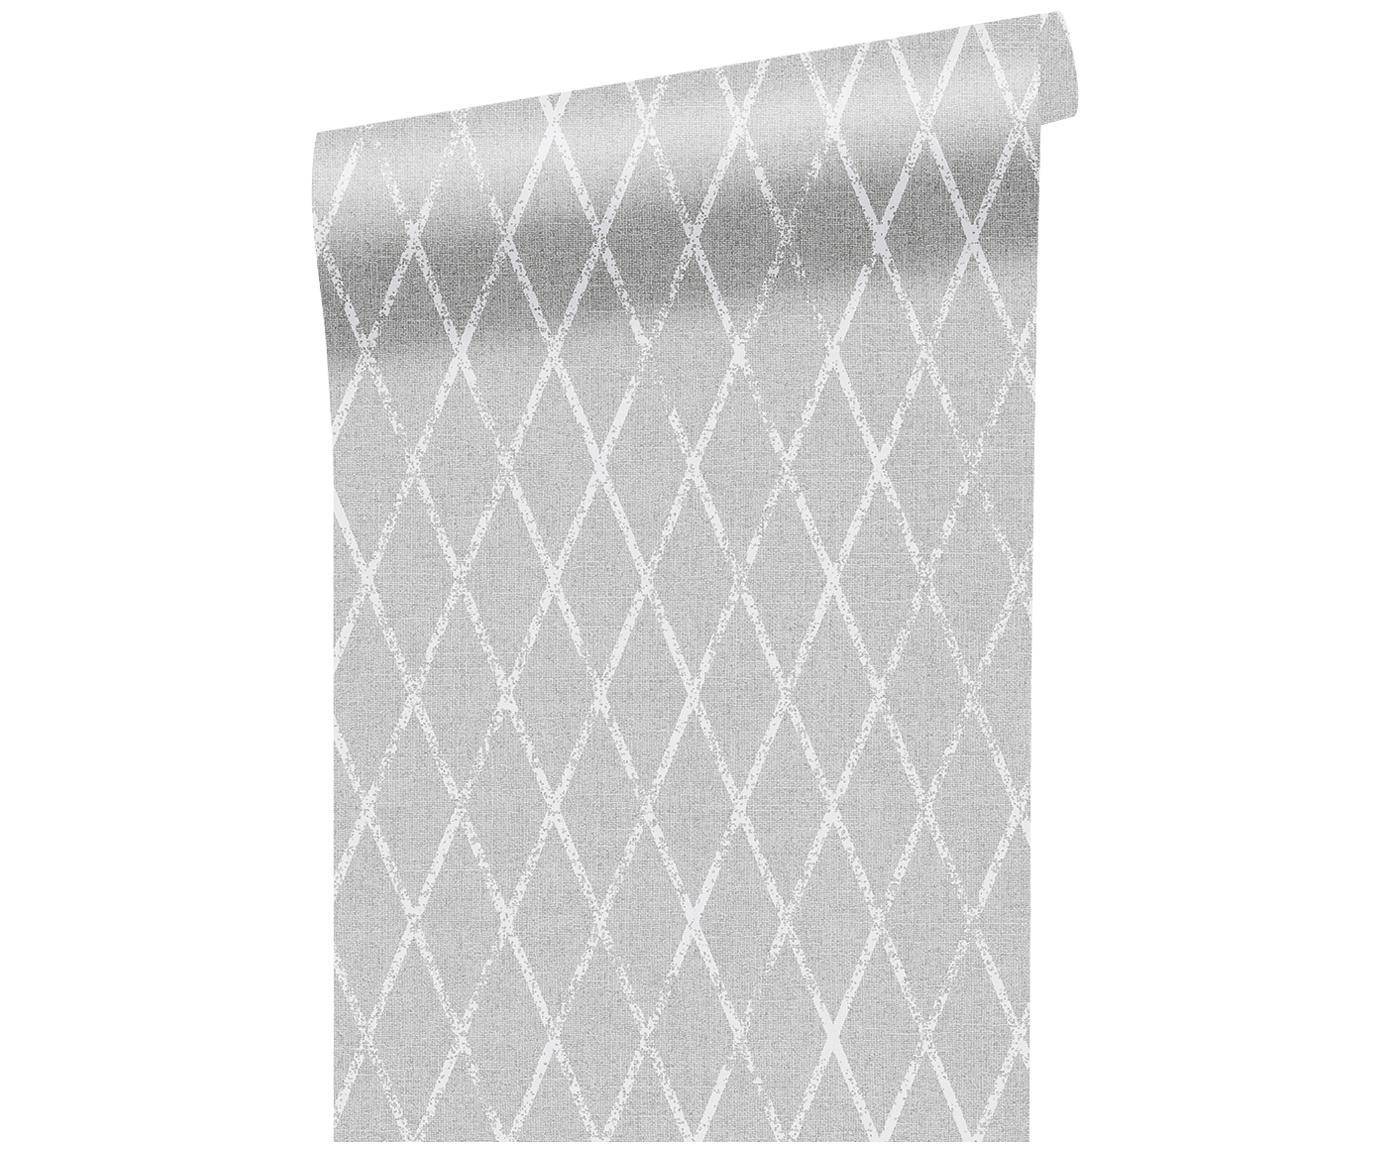 Carta da parati Wieber, Vello, Grigio chiaro, bianco, P 53 x L 1005 cm